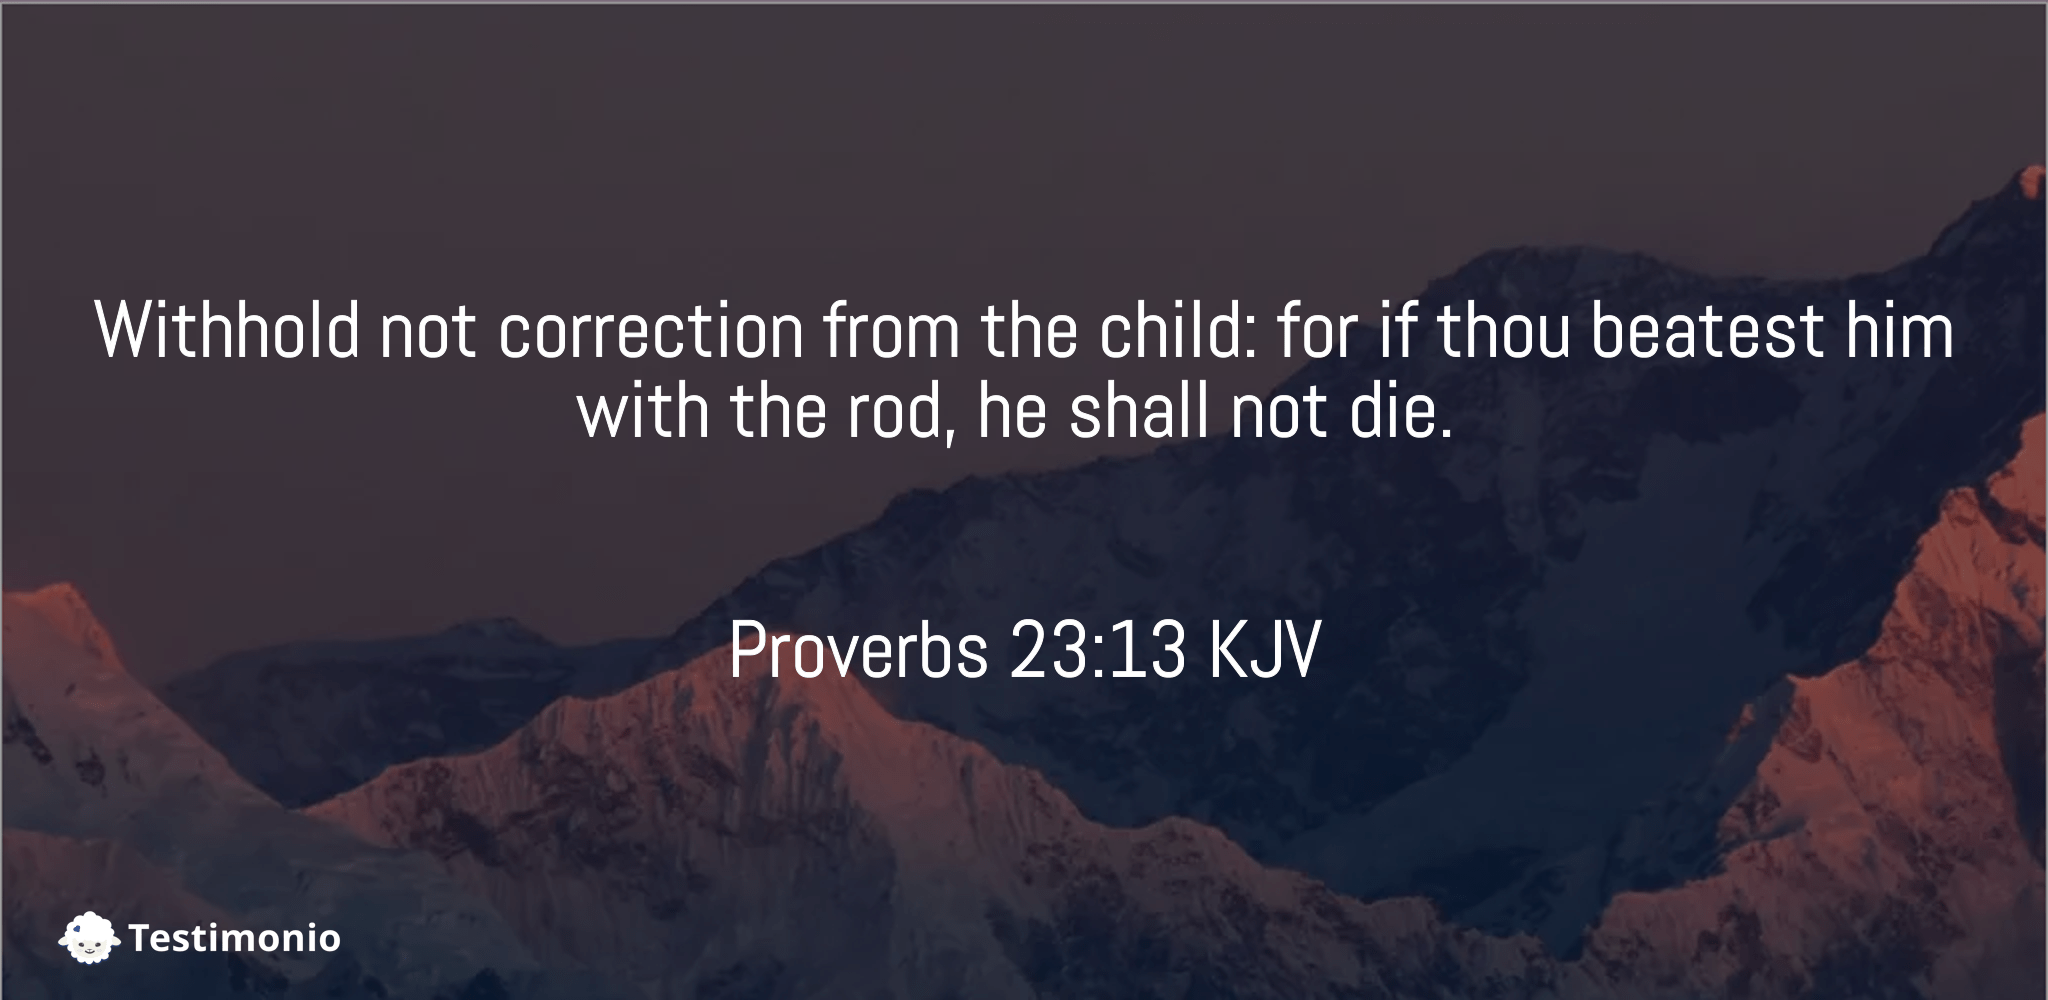 Proverbs 23:13